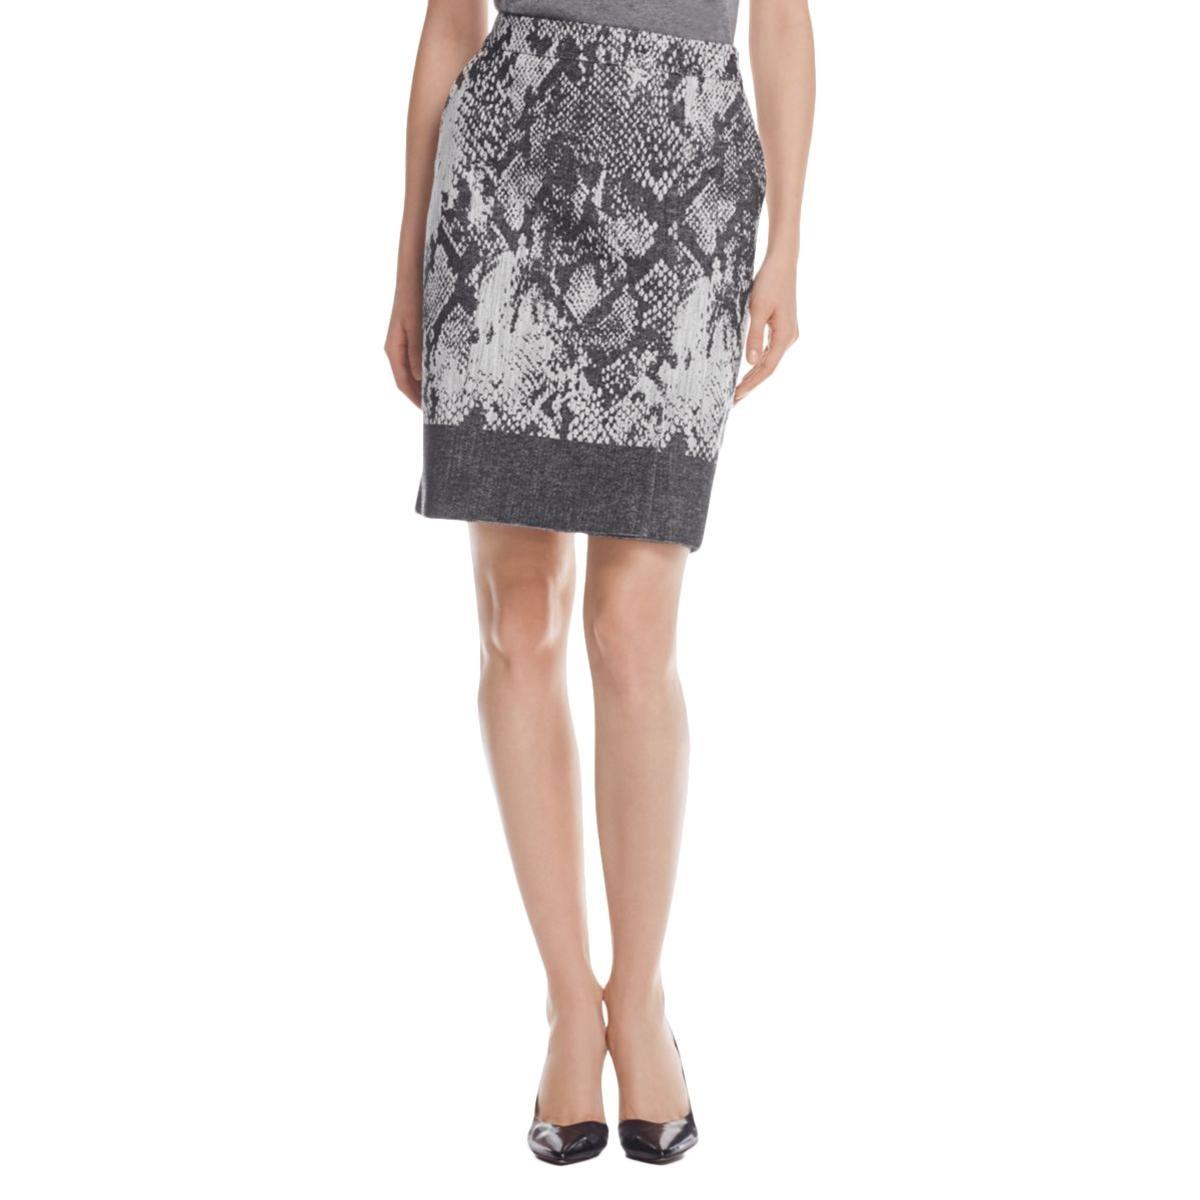 Hugo Boss Womens Textured Printed Straight Skirt Gray 2